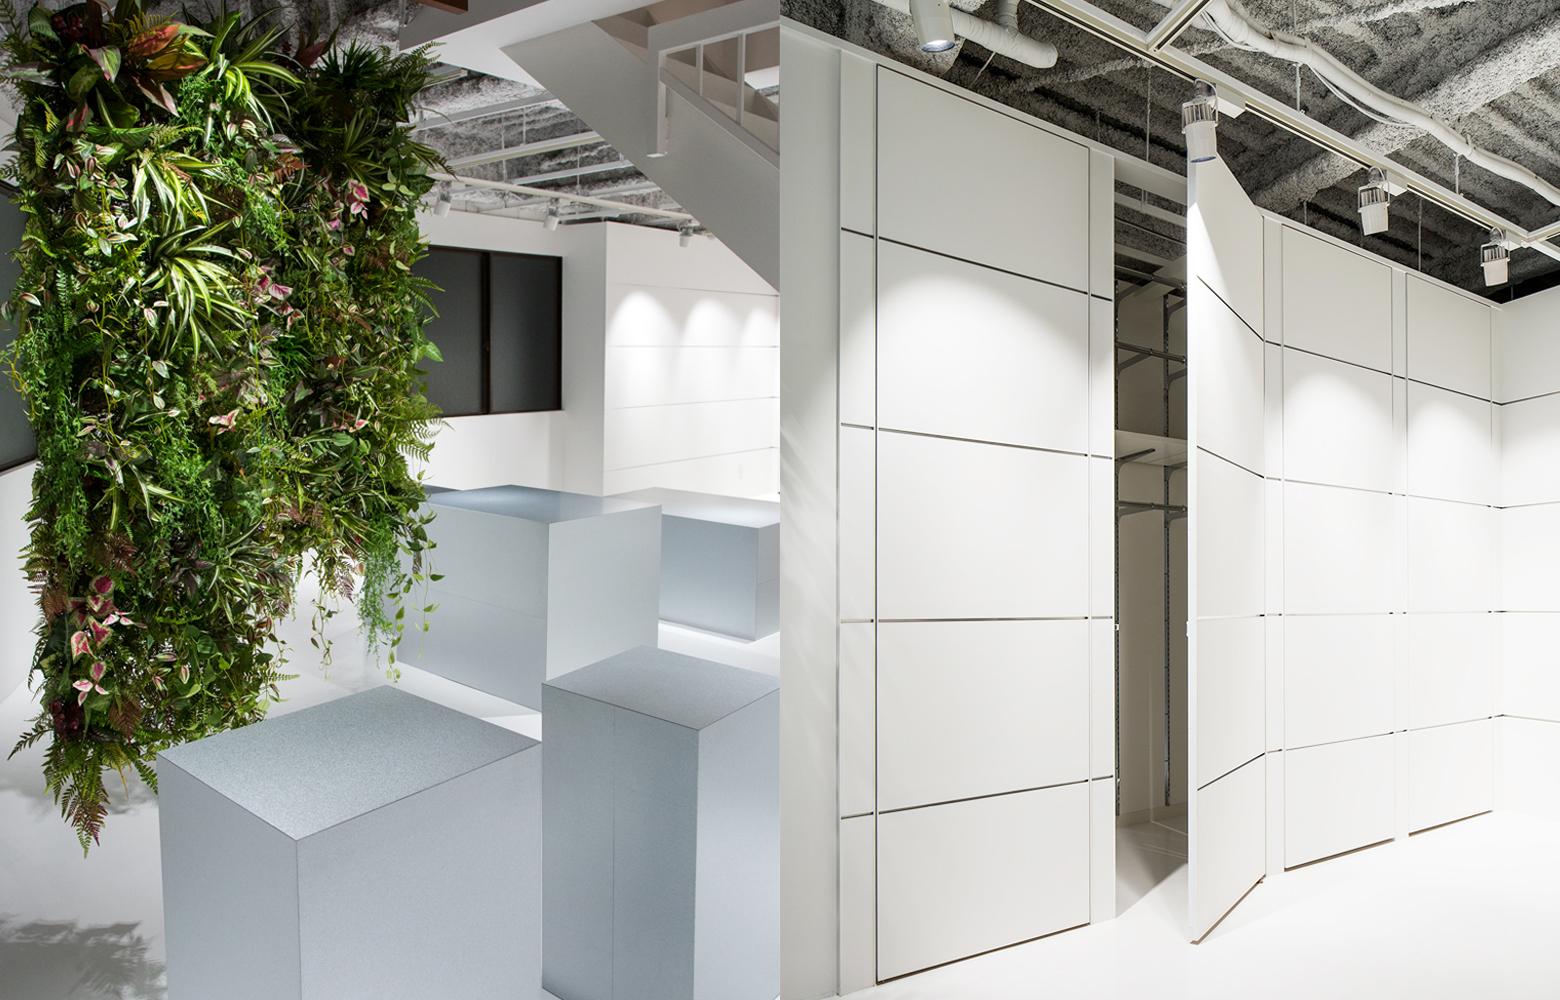 株式会社三景 Green & Storage デザイン・レイアウト事例